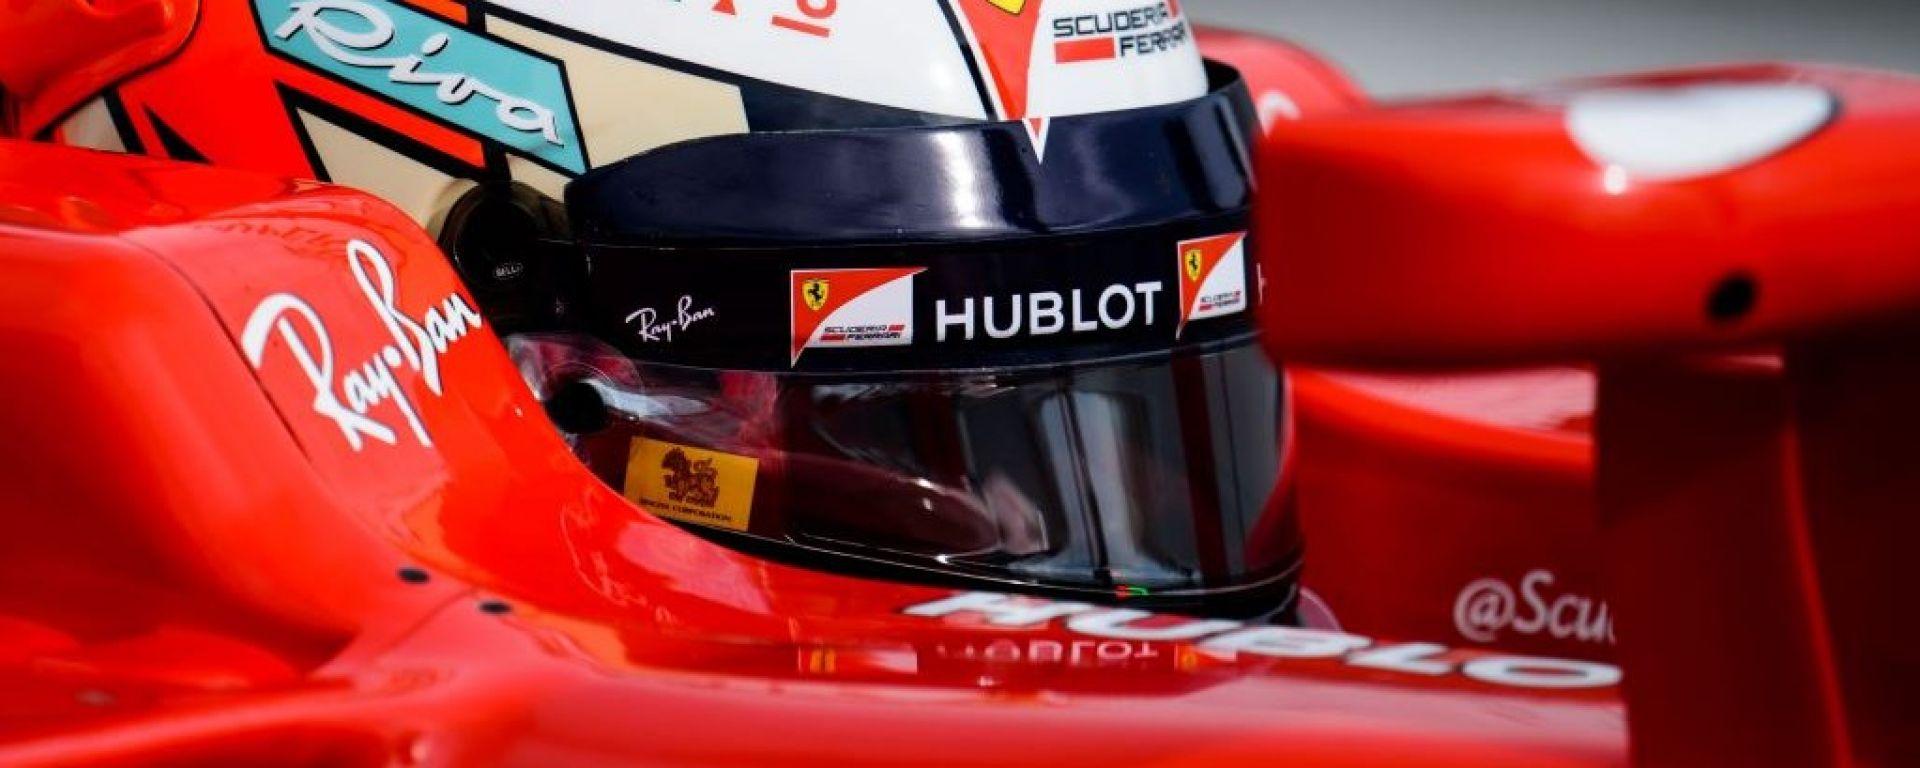 F1: ecco il nuovo casco 2018 di Kimi Raikkonen